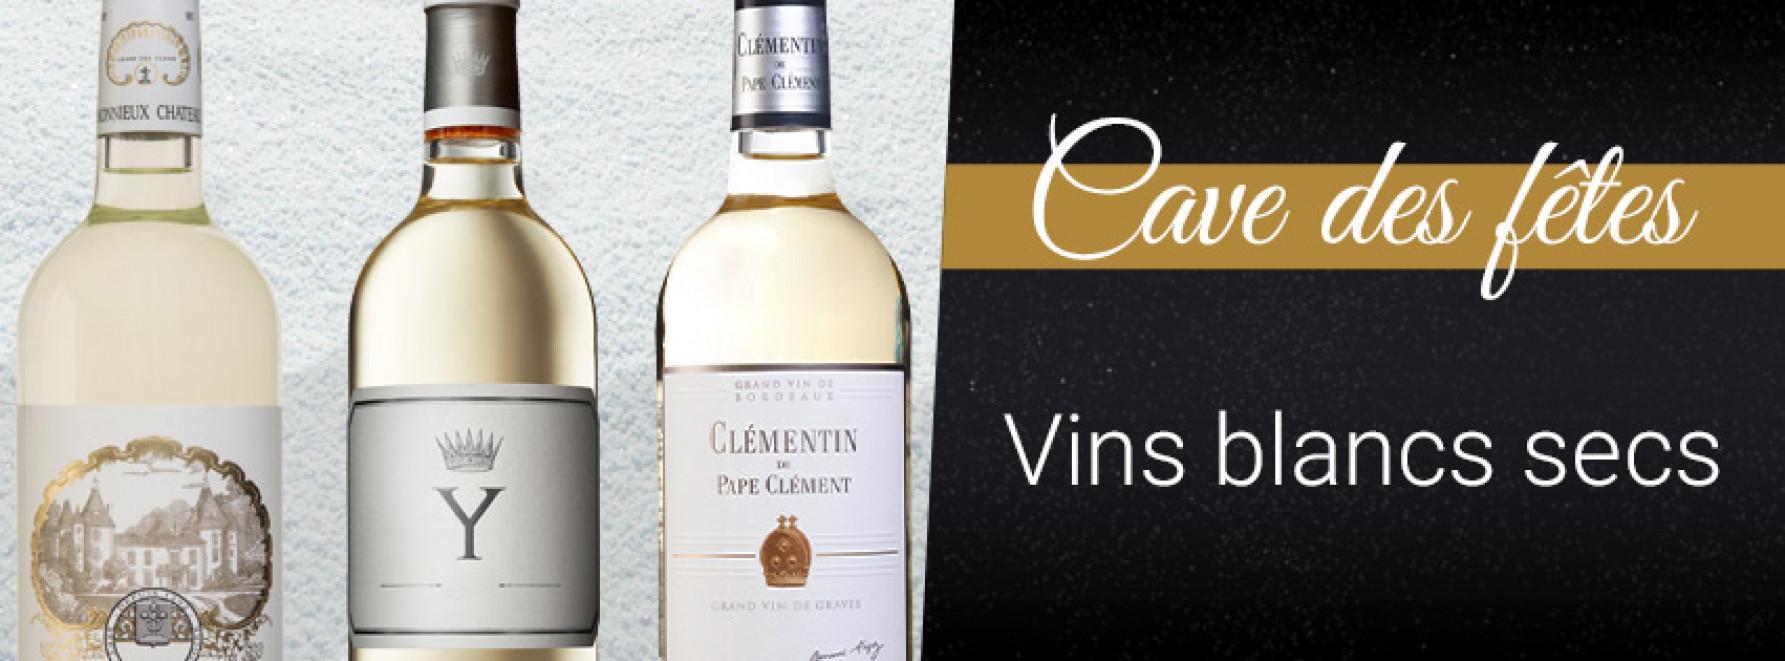 Cave des Fêtes : vins blancs secs